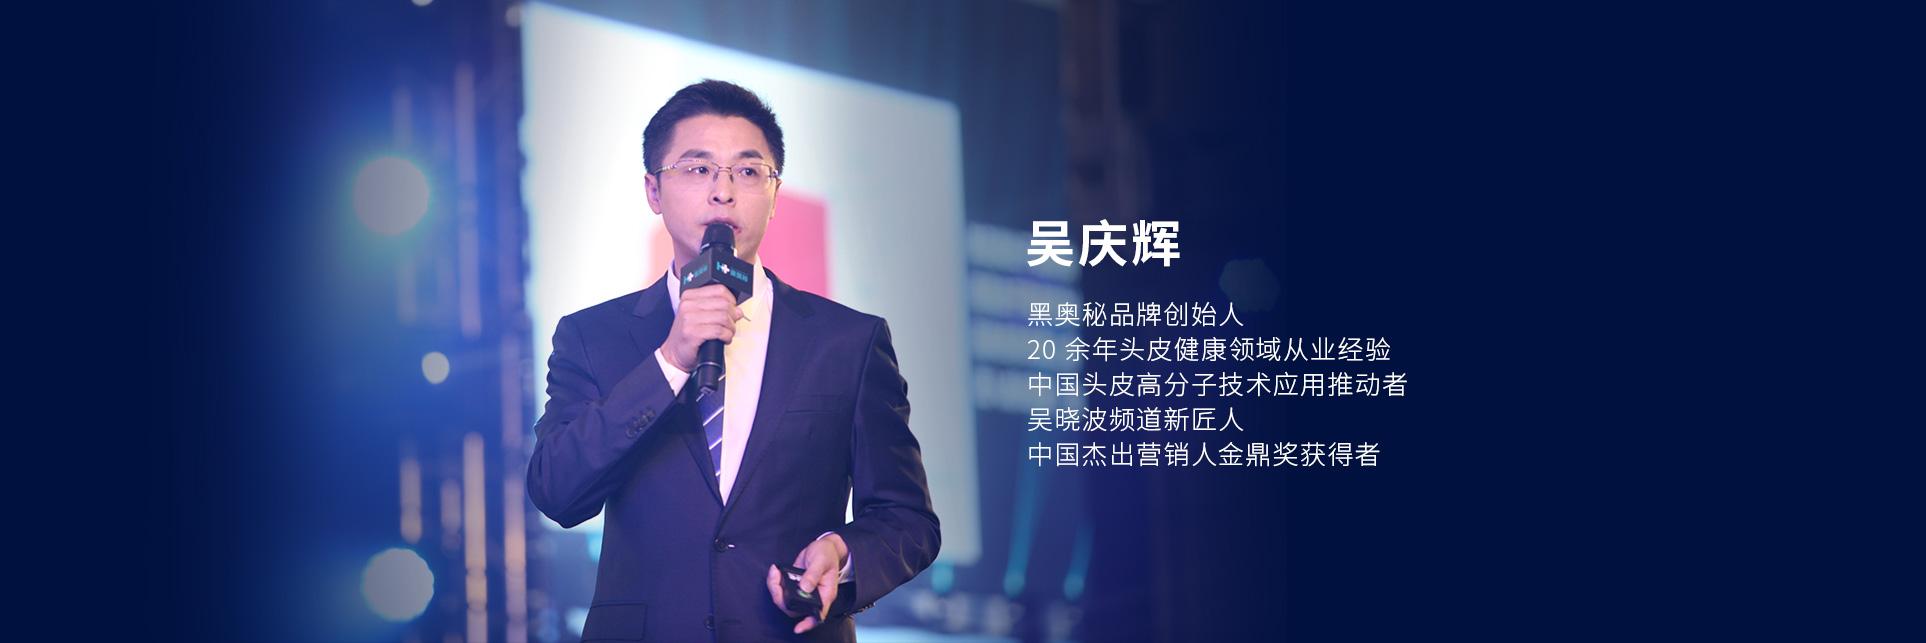 黑奥秘品牌创始人吴庆辉